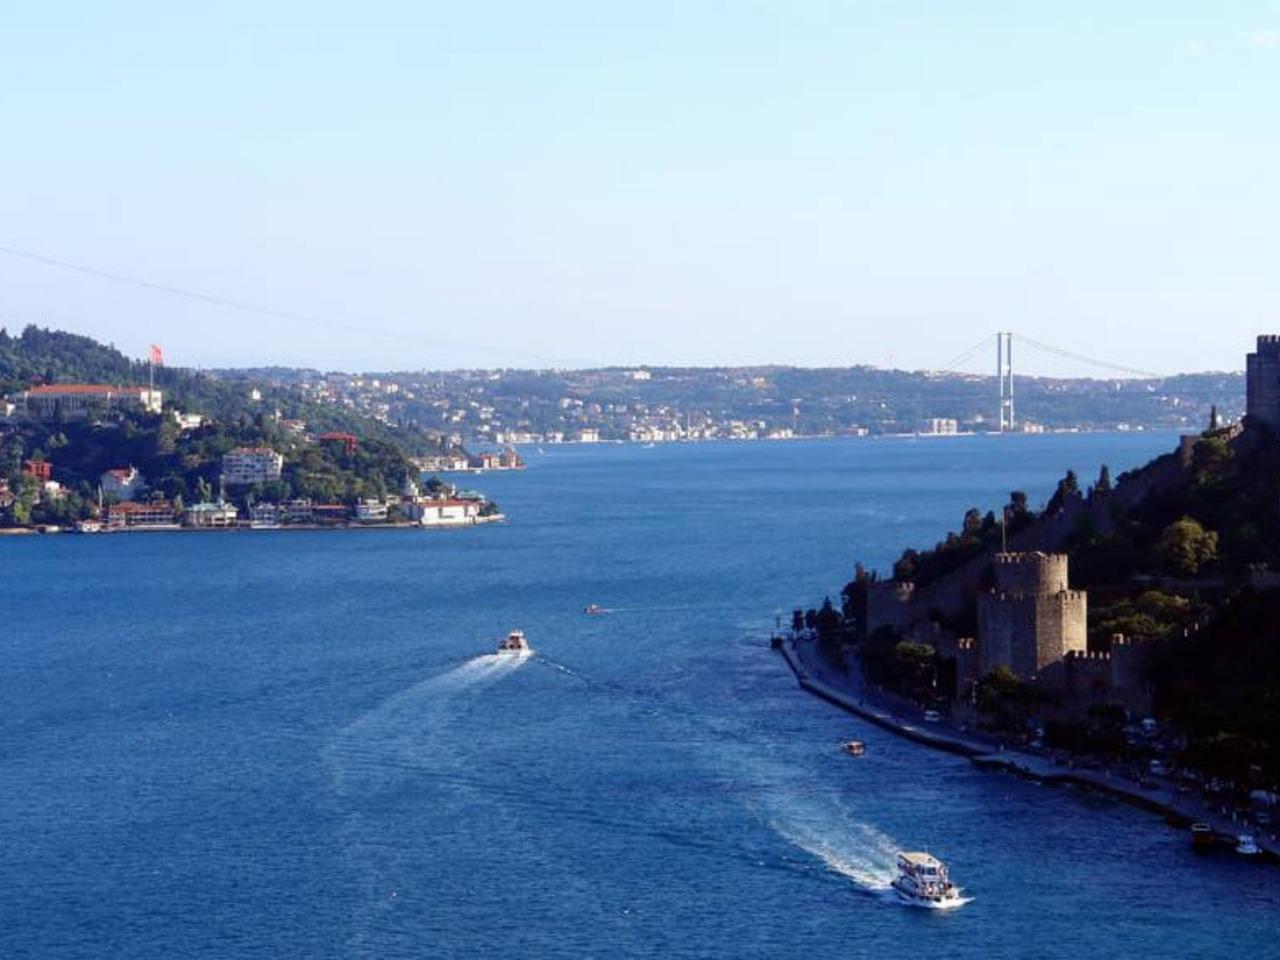 Стамбул многоликий: султаны, Босфор и турецкие сериалы - индивидуальная экскурсия в Стамбуле от опытного гида